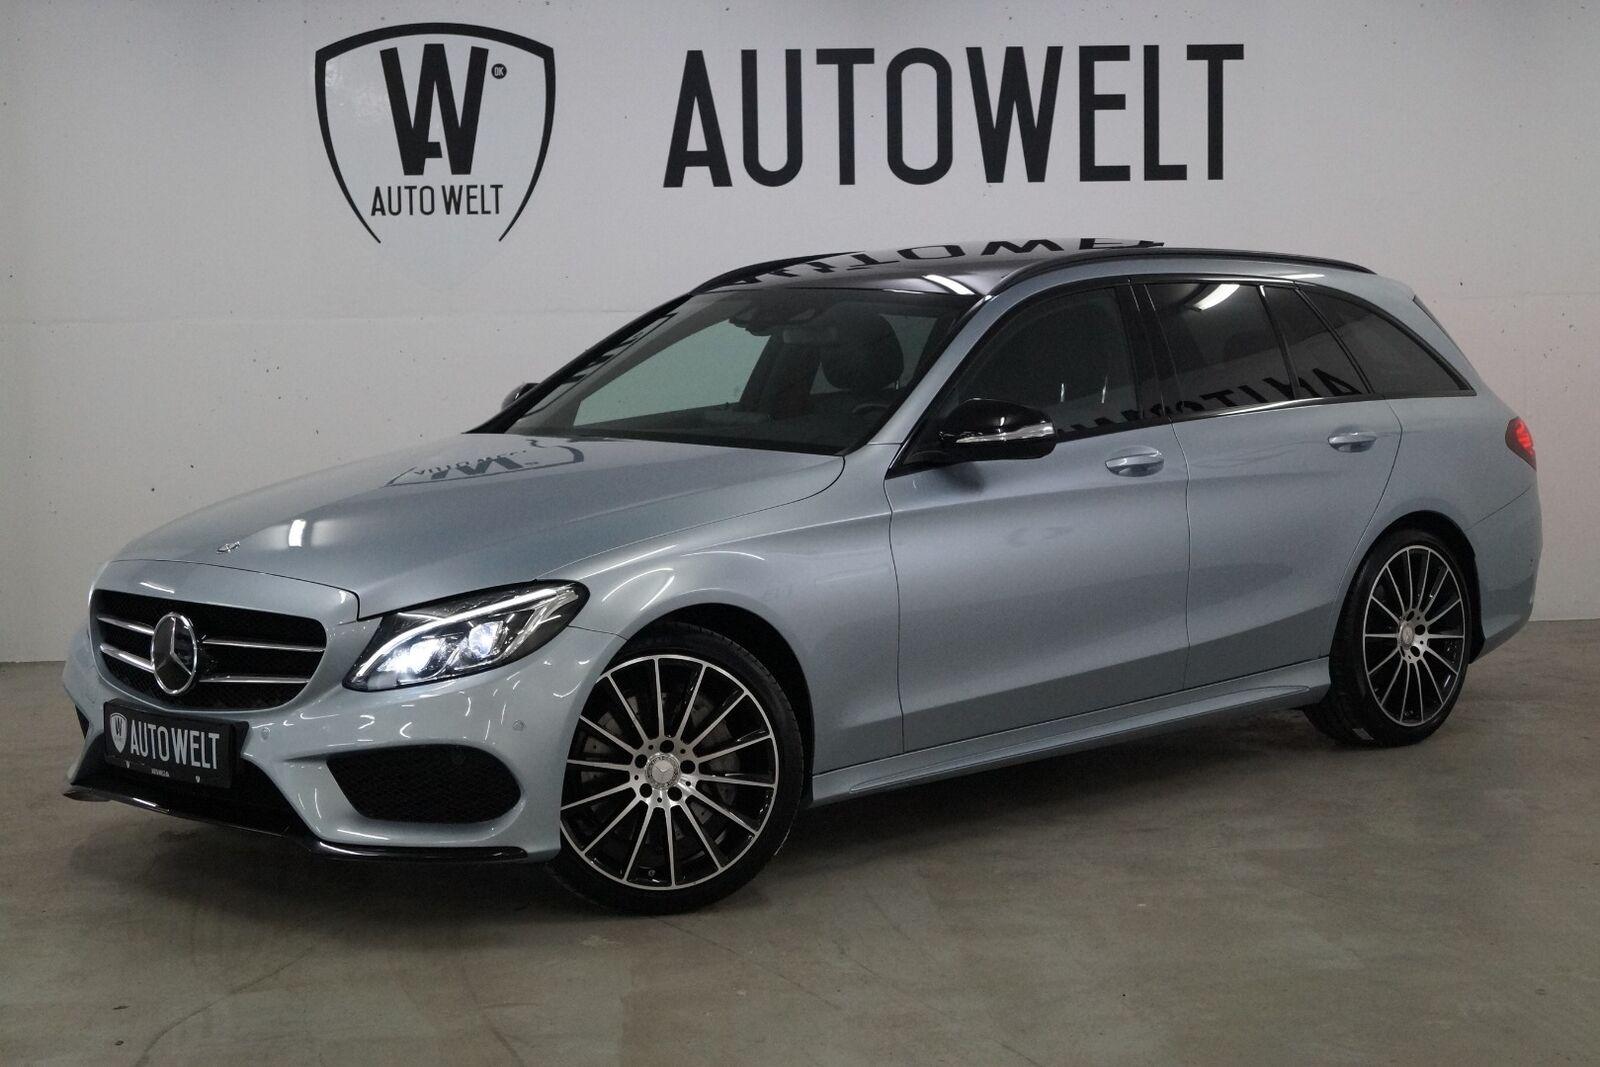 Mercedes C250 2,2 BlueTEC AMG Line stc. 4-M 5d - 399.700 kr.